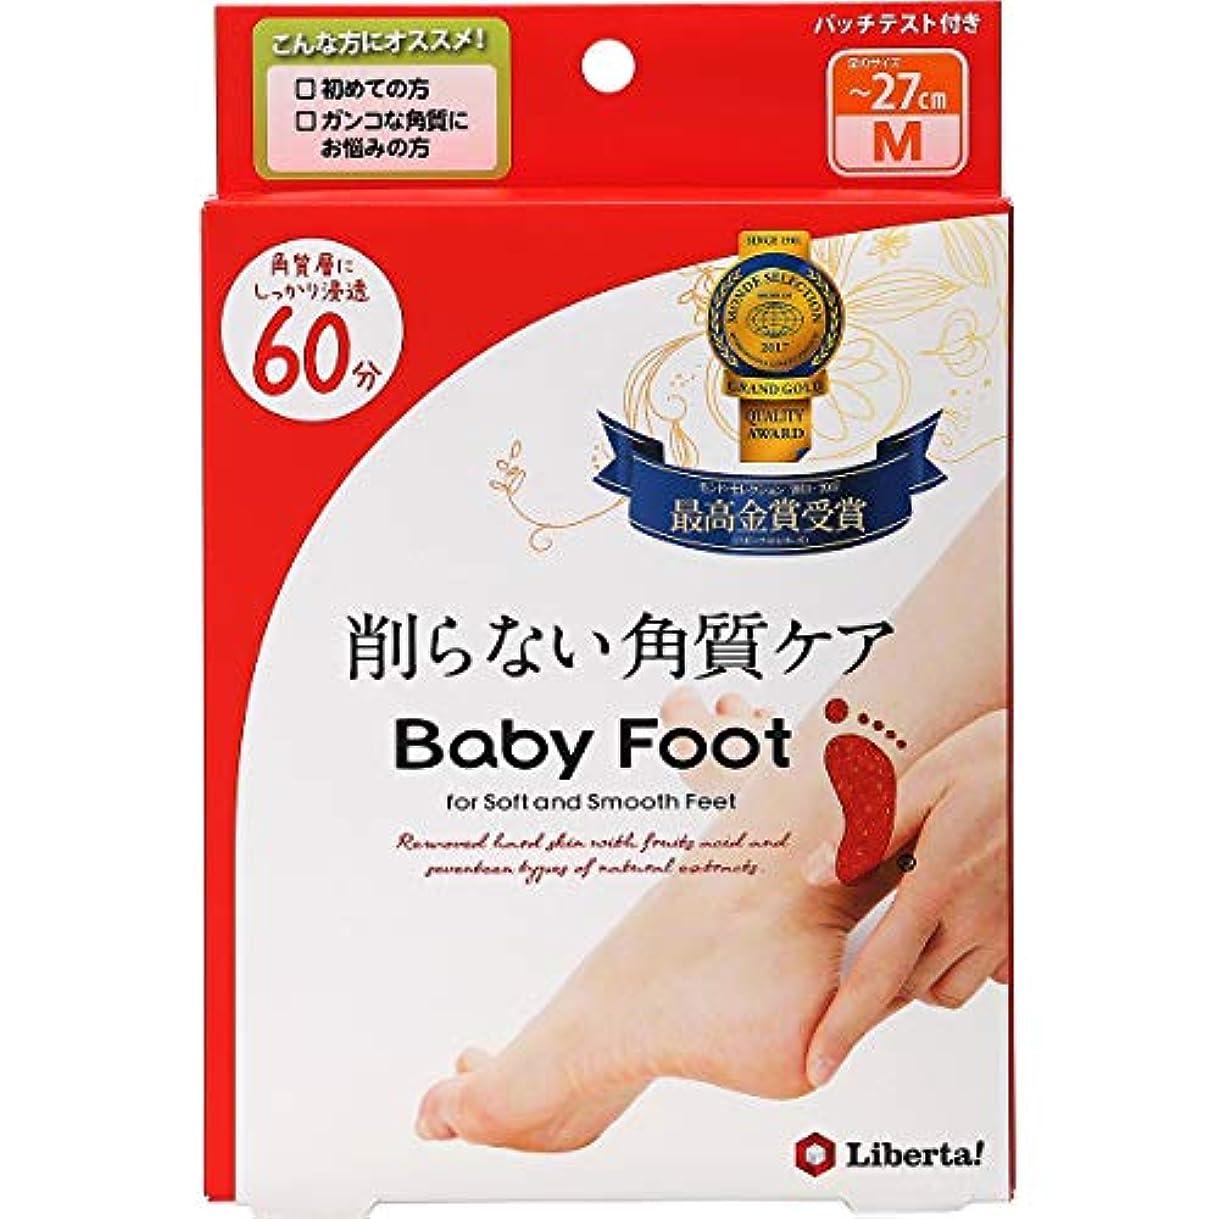 練習肯定的謎ベビーフット (Baby Foot) ベビーフット イージーパック SPT60分タイプ Mサイズ 単品